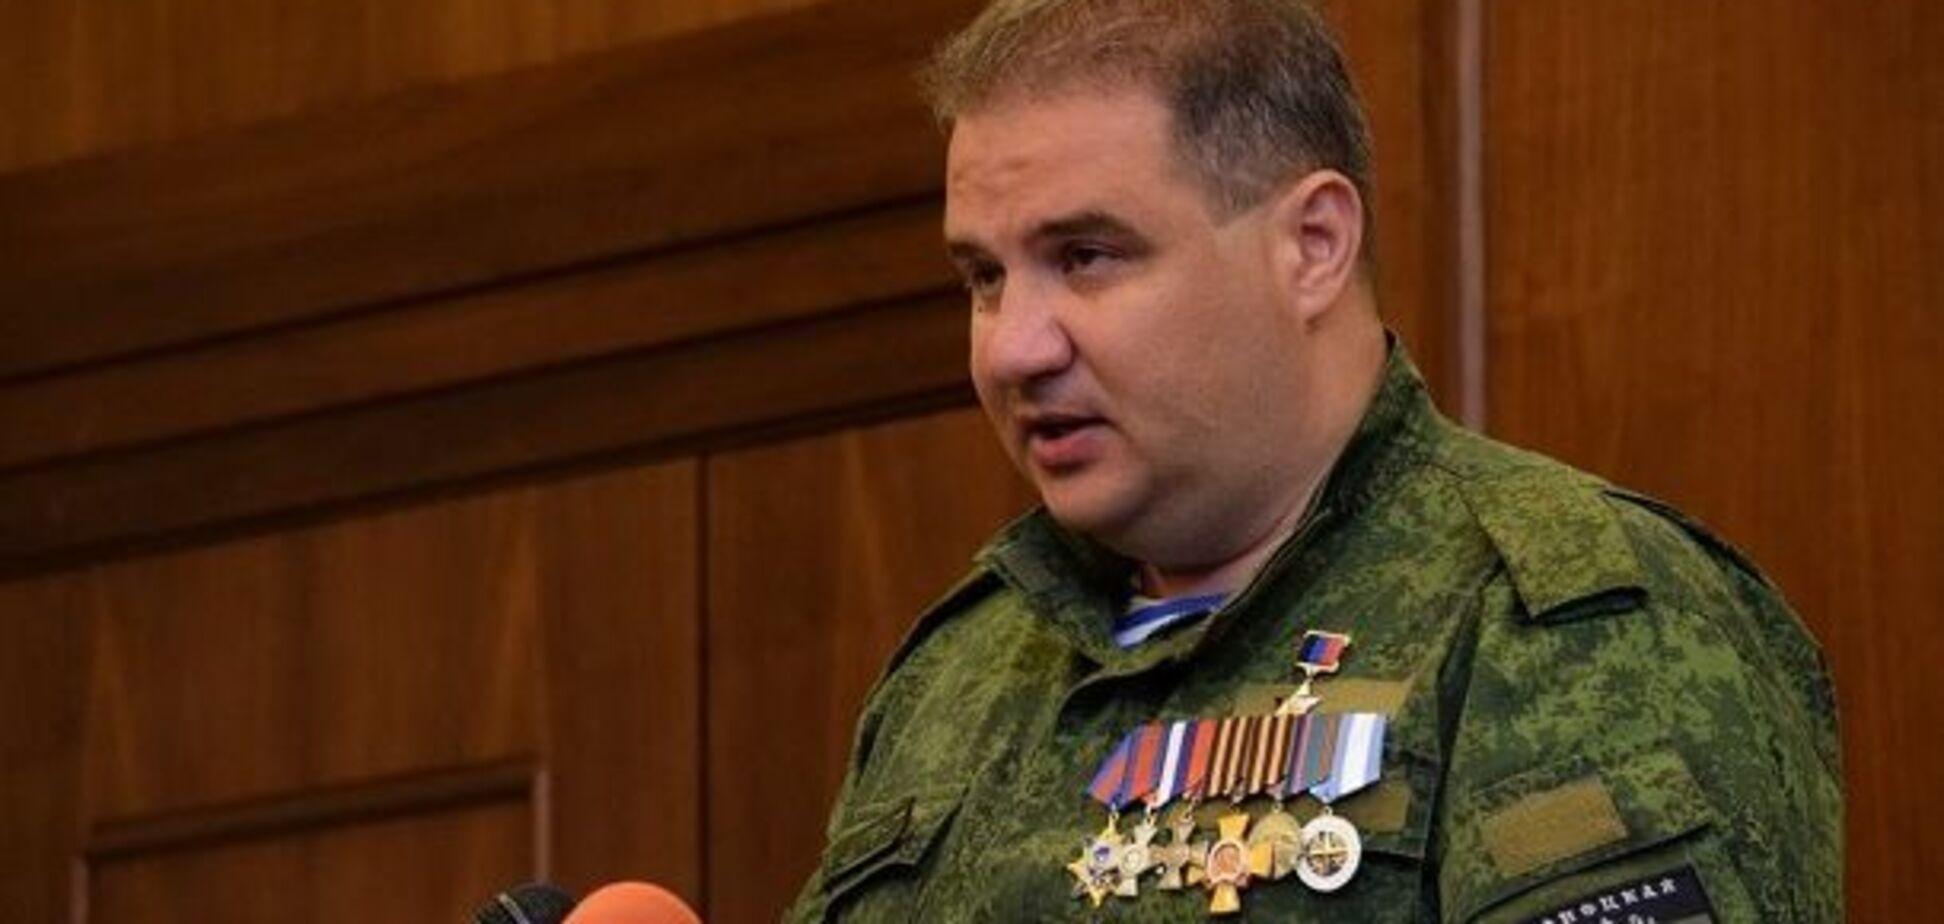 СМИ сообщили о гибели 'Ташкента': в 'ДНР' ответили